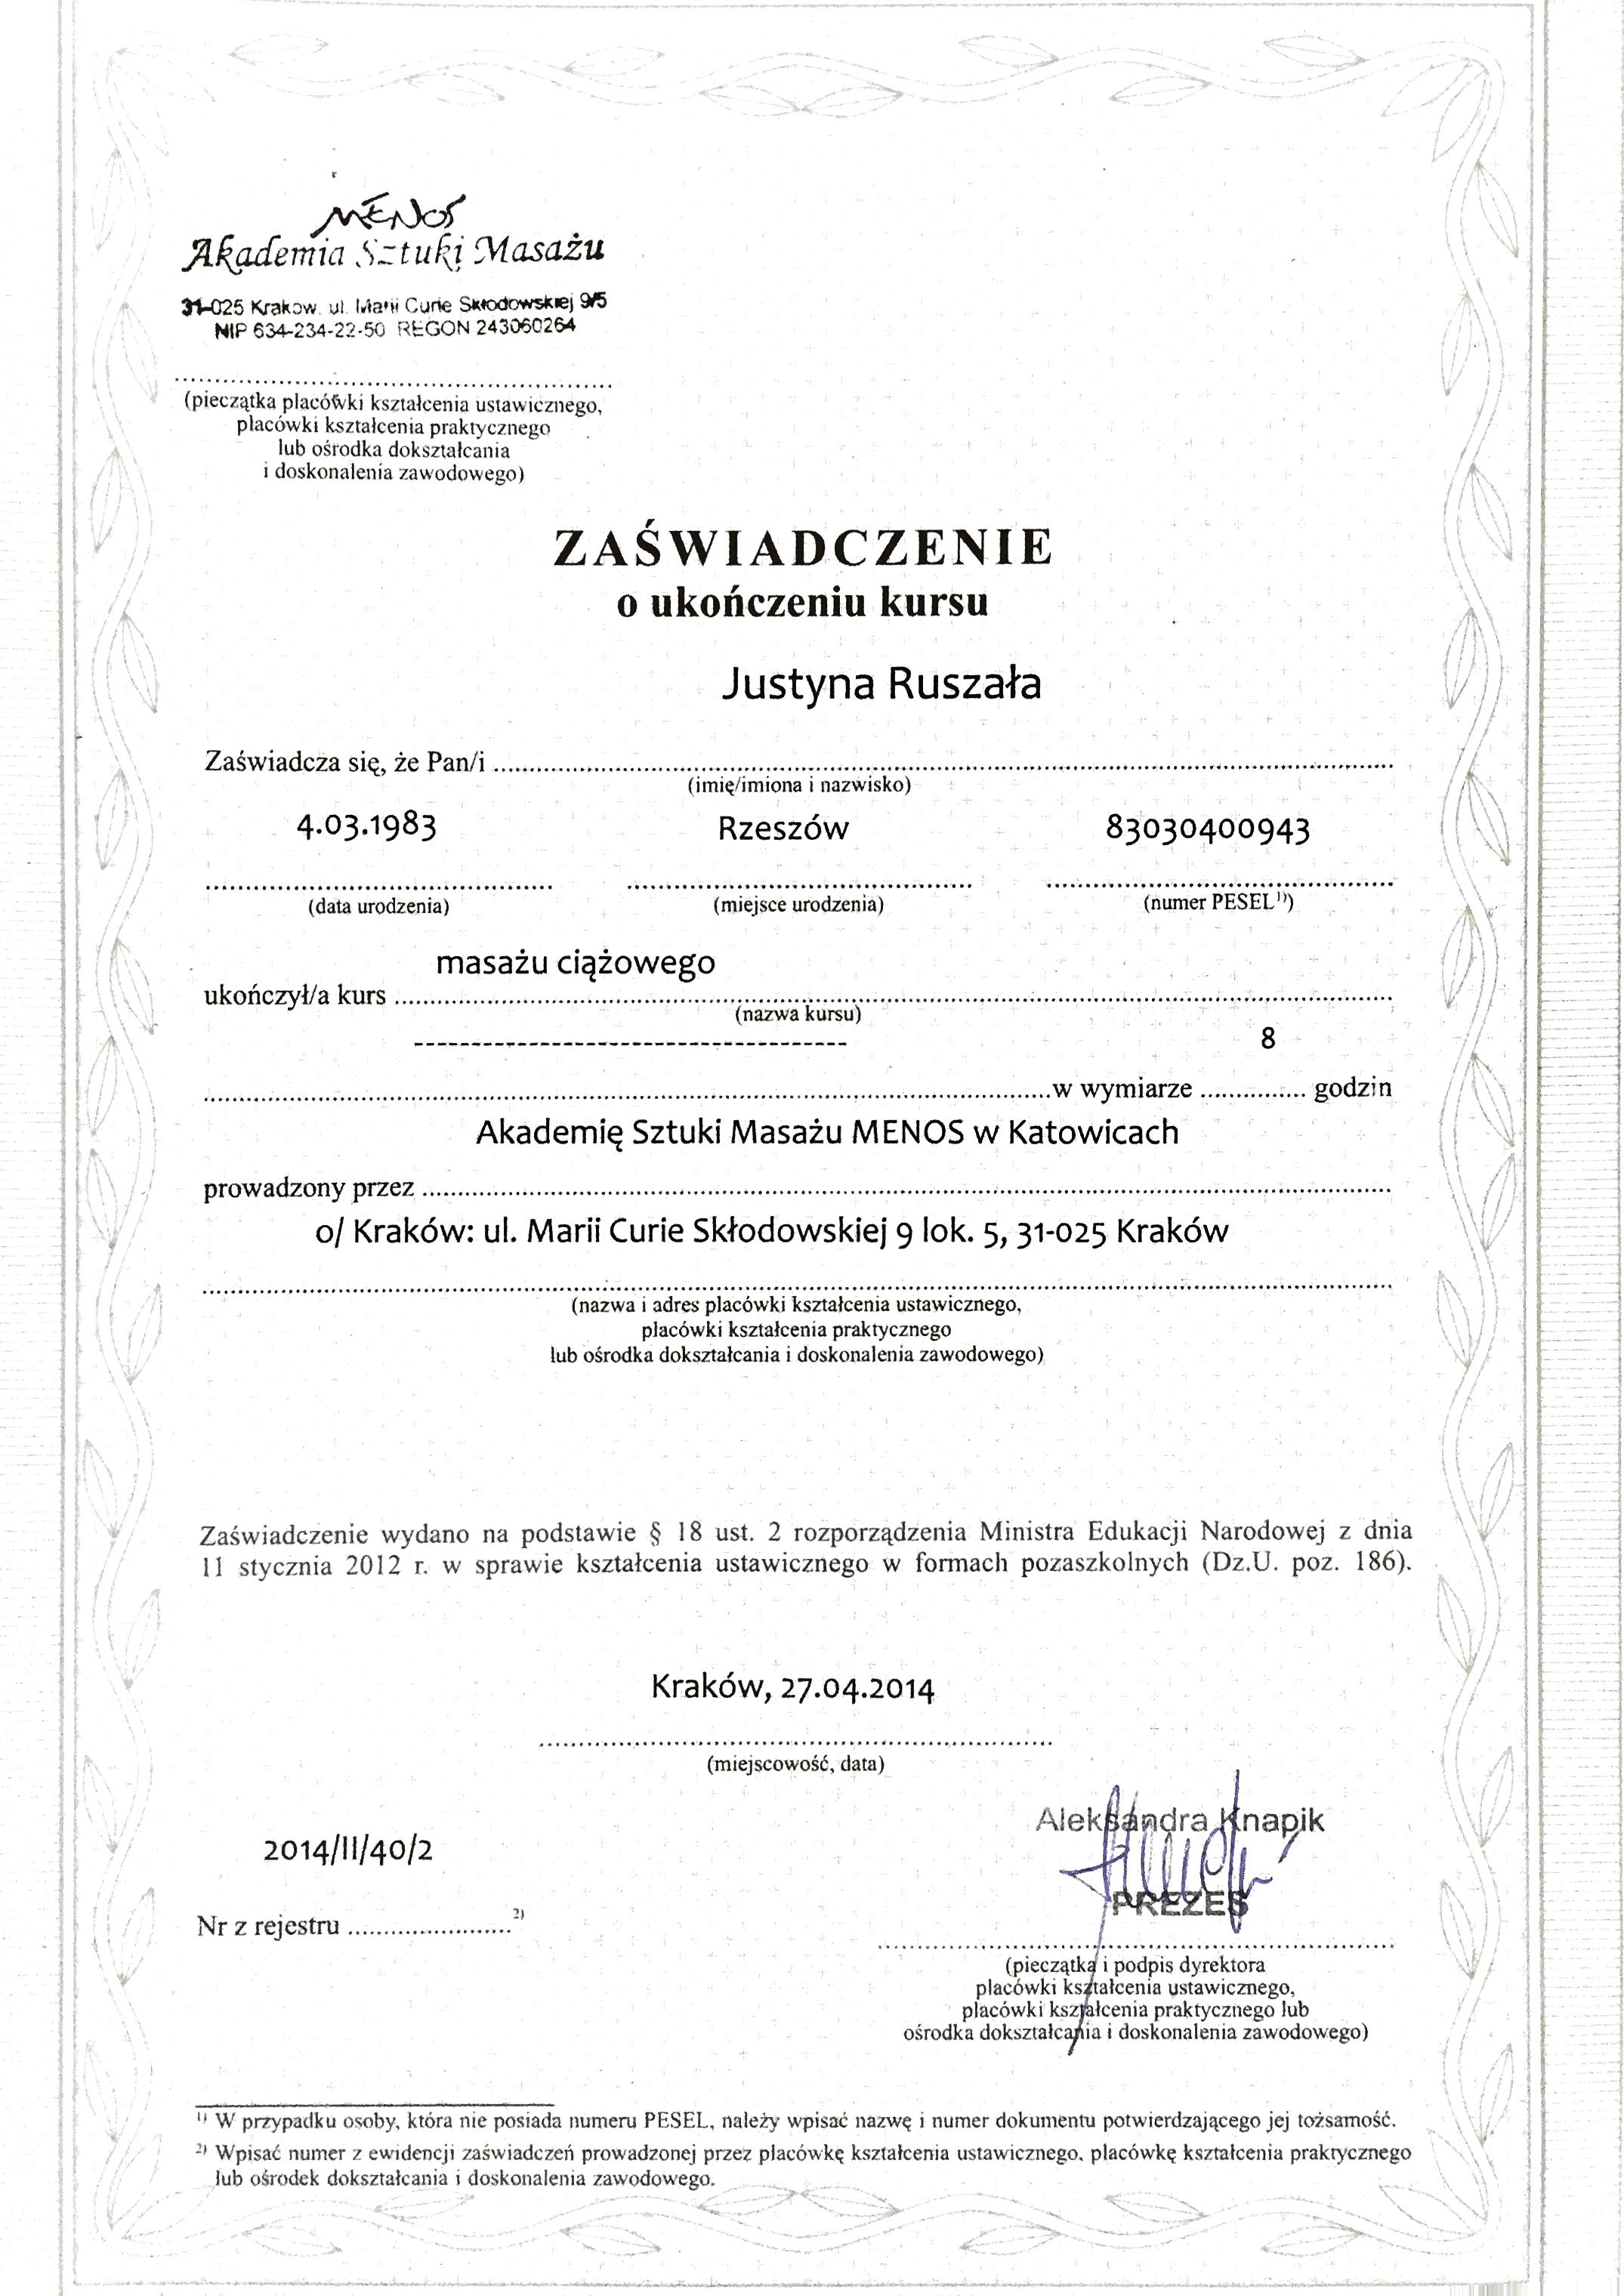 Dyplom ukończenia Masażu Ciążowego 2